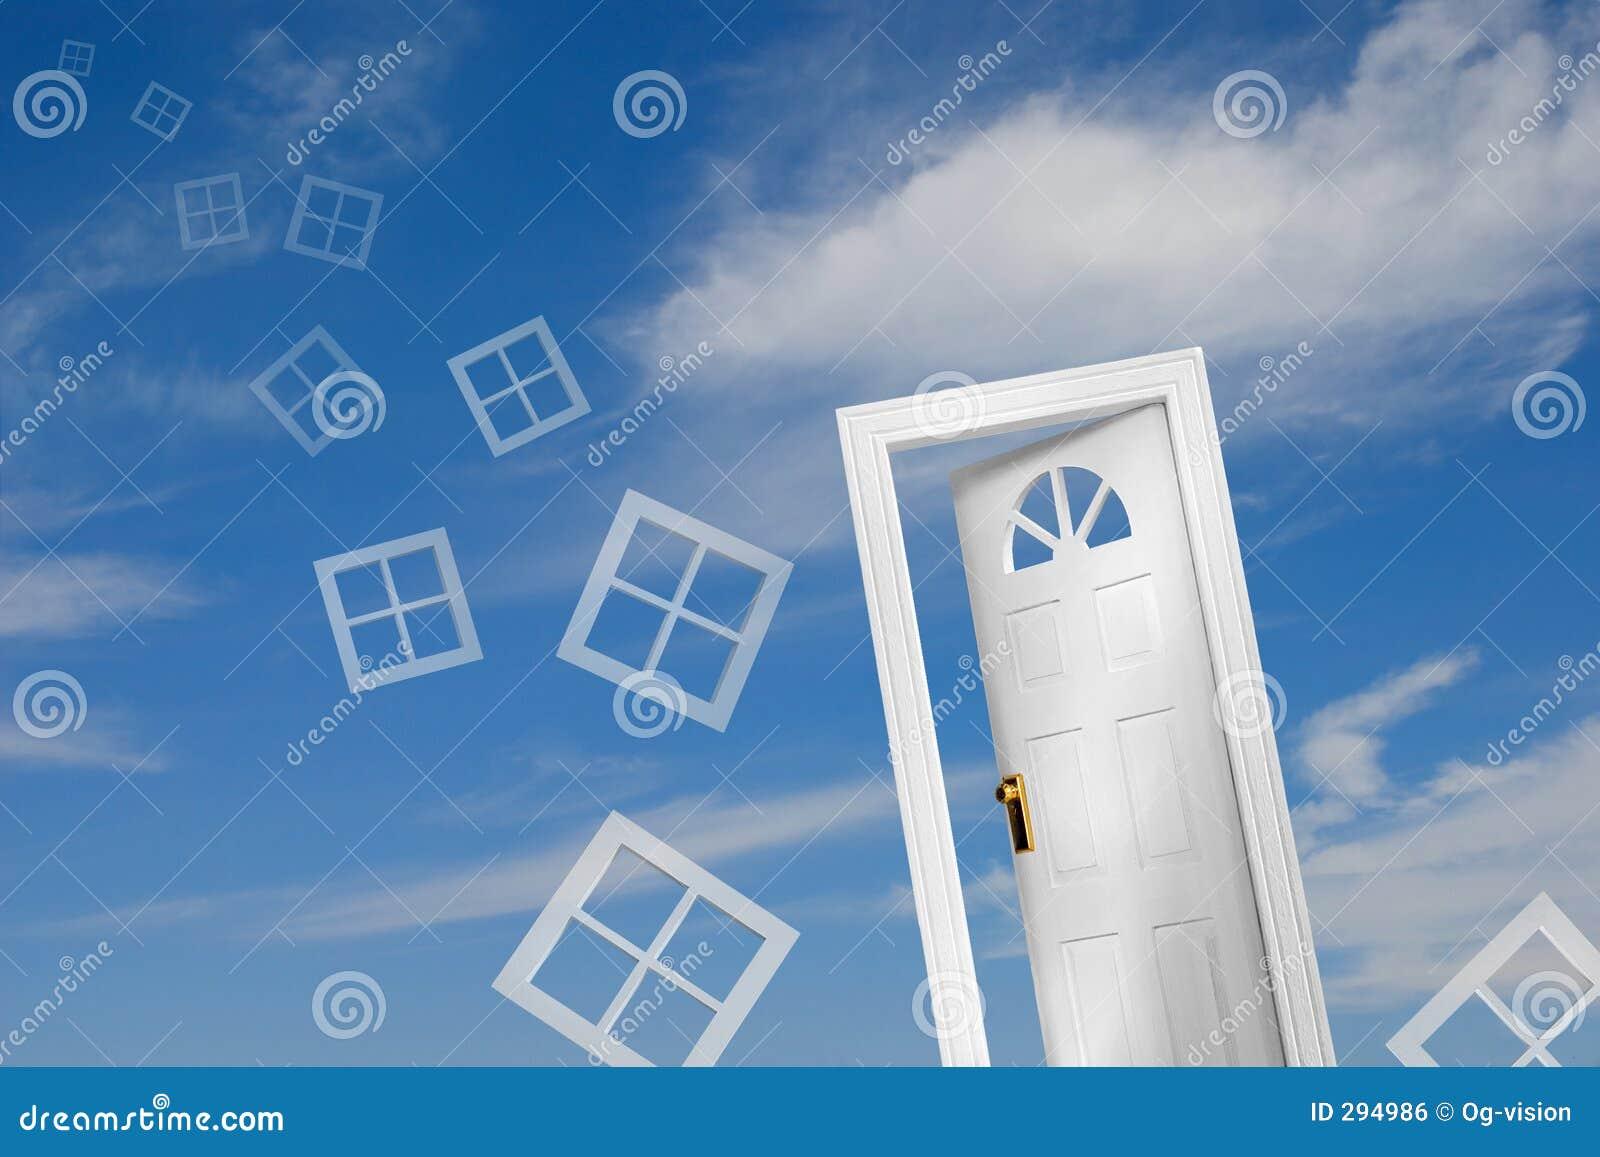 Door (4 of 5)